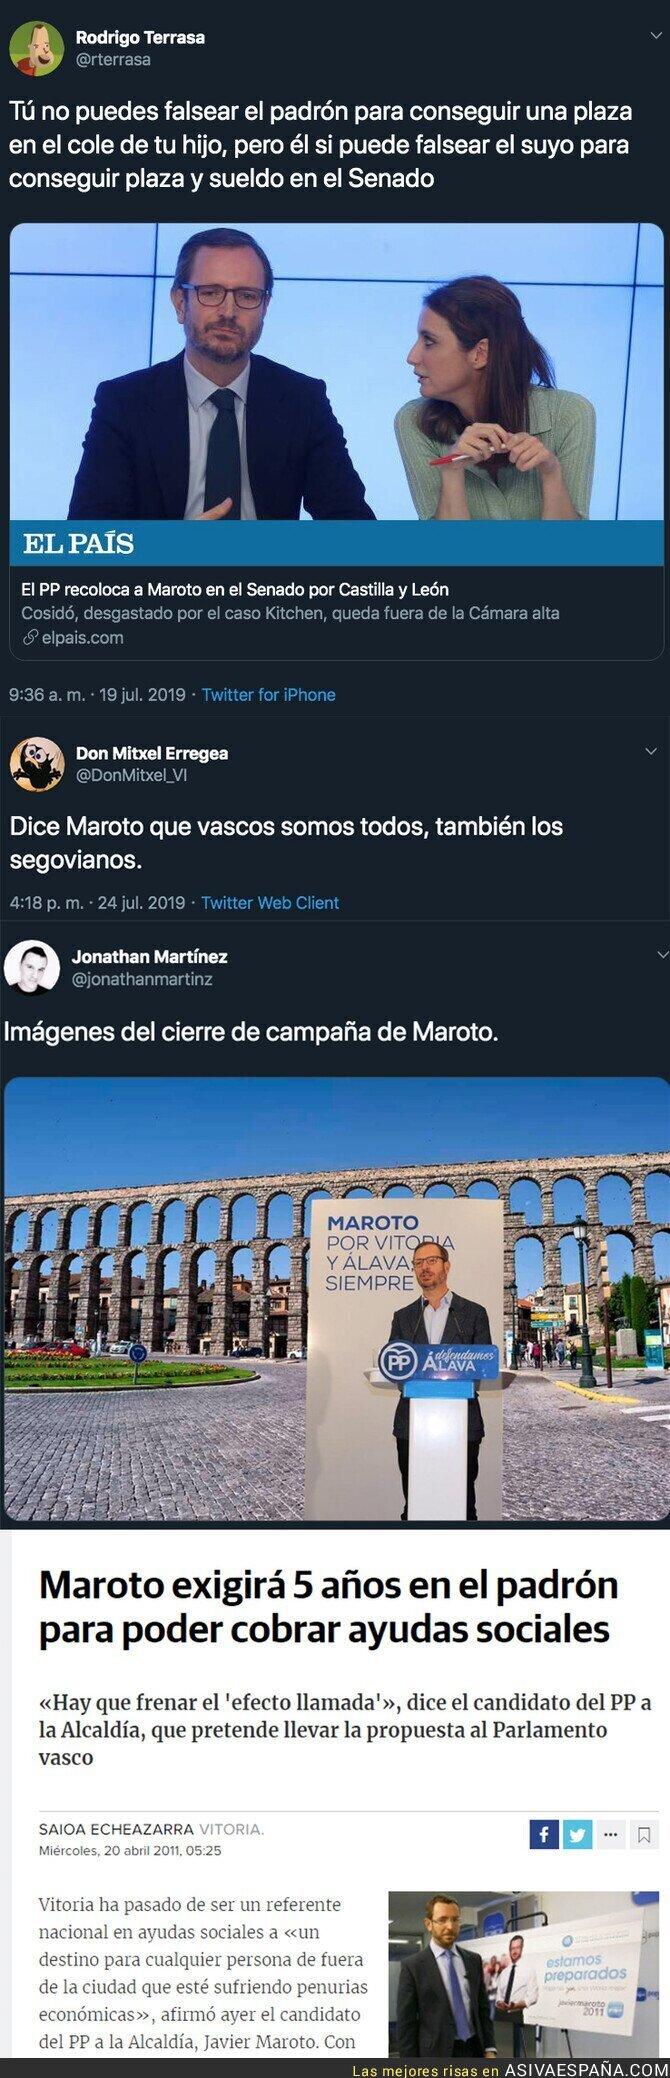 117343 - Maroto se ha empadronado en Segovia y esto decía en 2011 sobre hacerlo para cobrar ayudas sociales